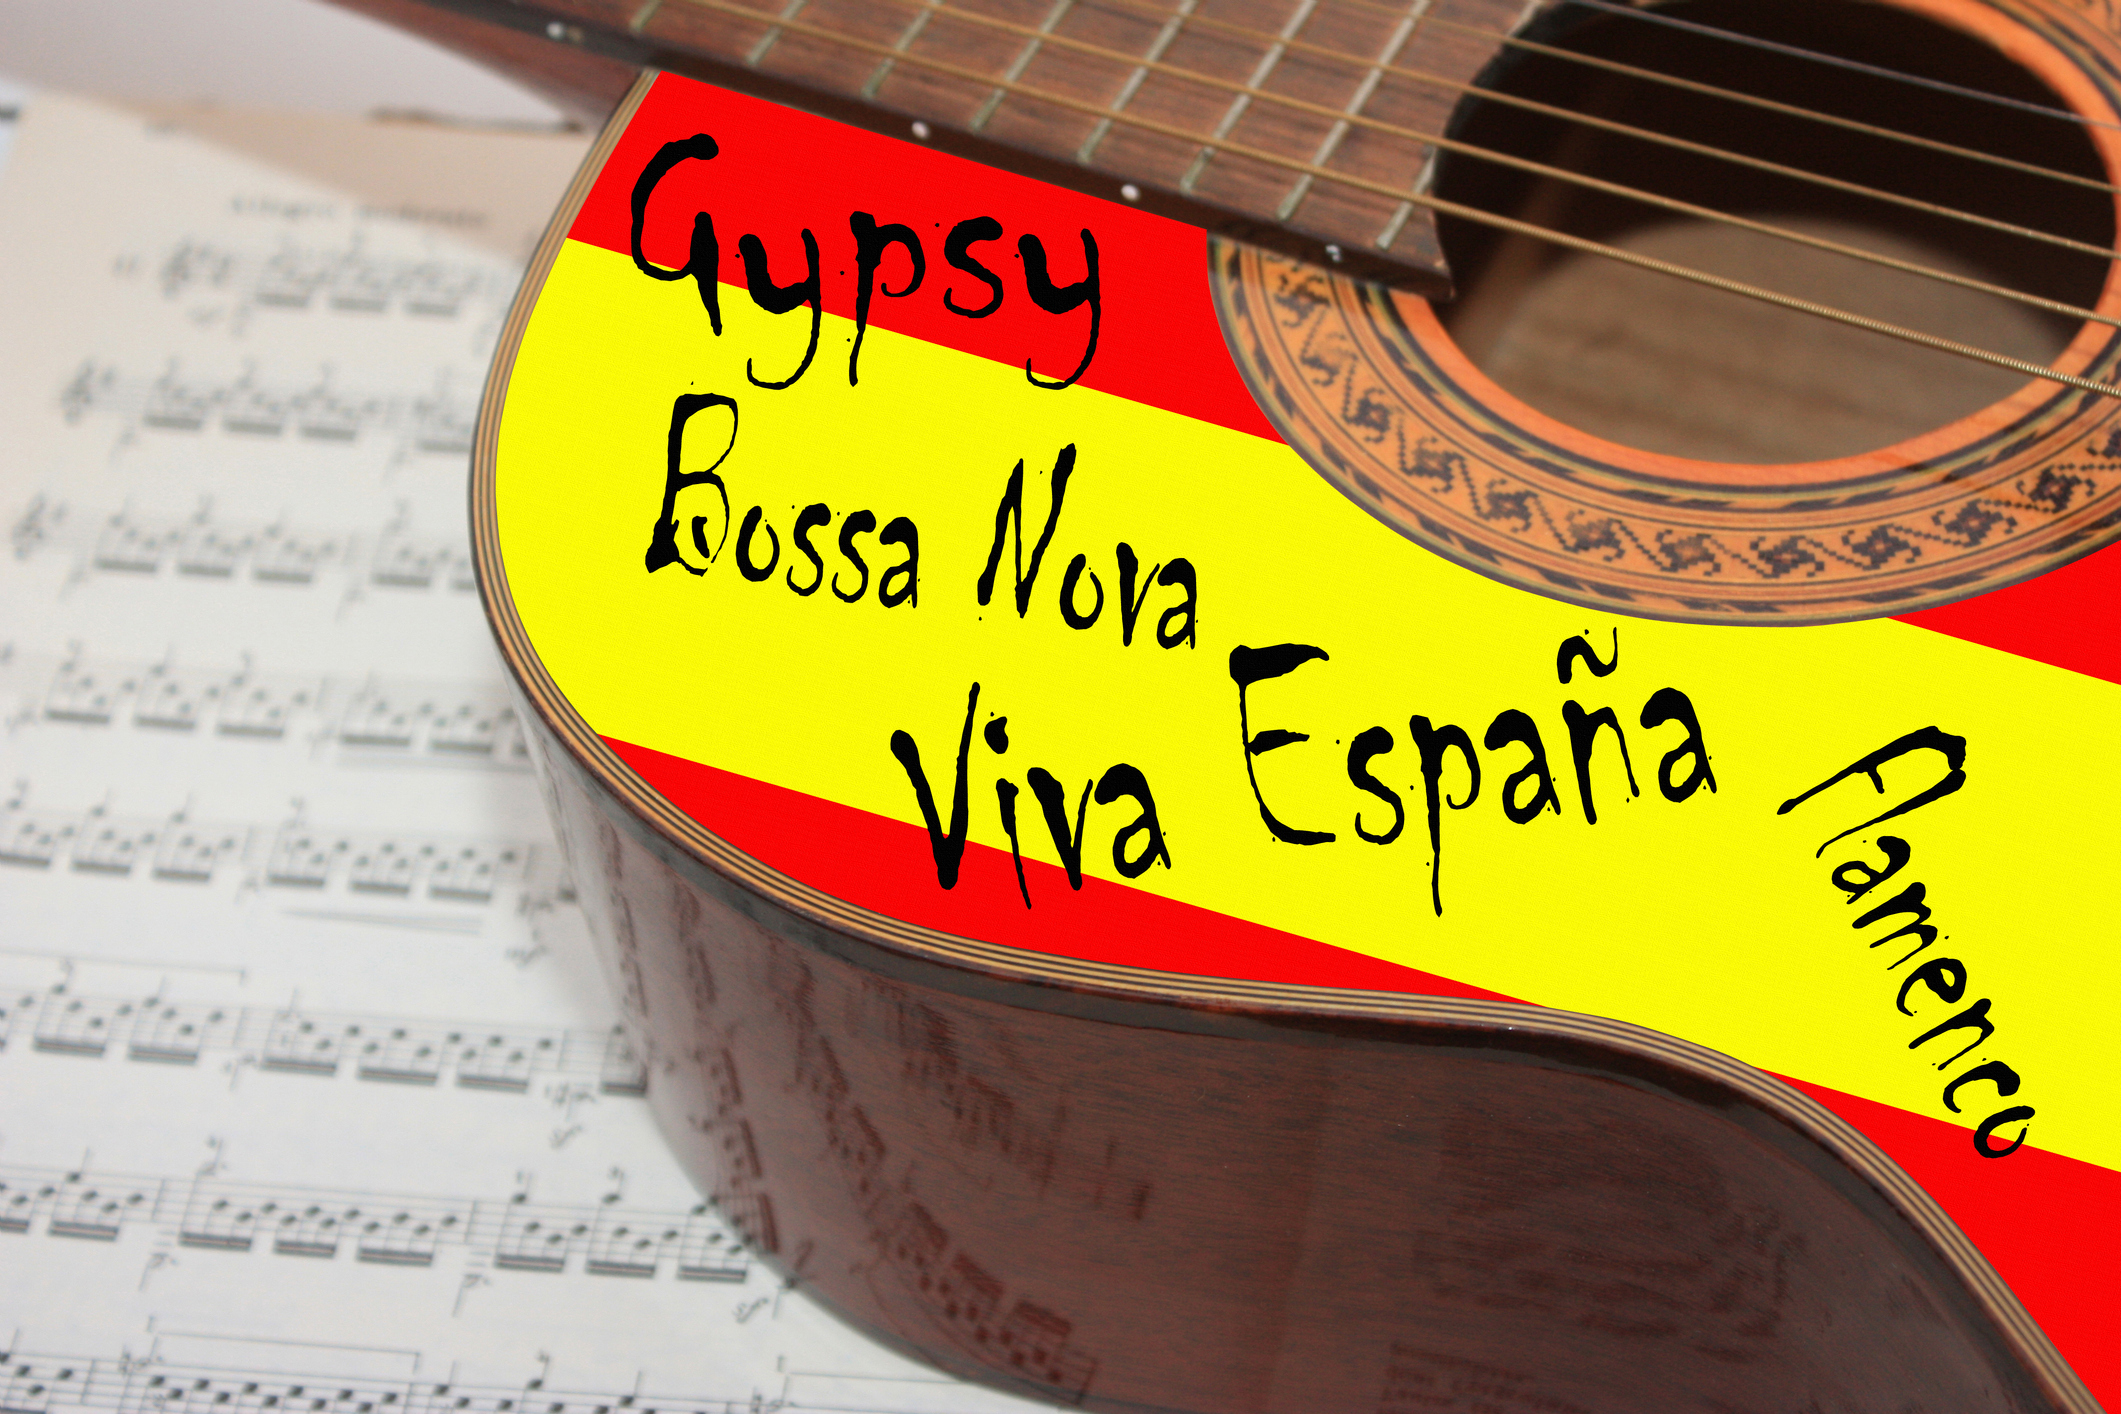 Spansk  musikk  i  historisk  perspektiv